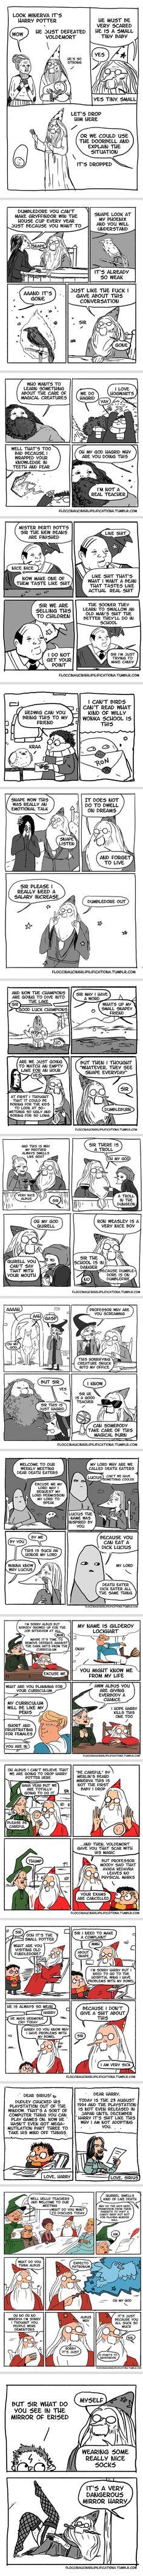 Scumbag Dumbledore. Hilarious :'D